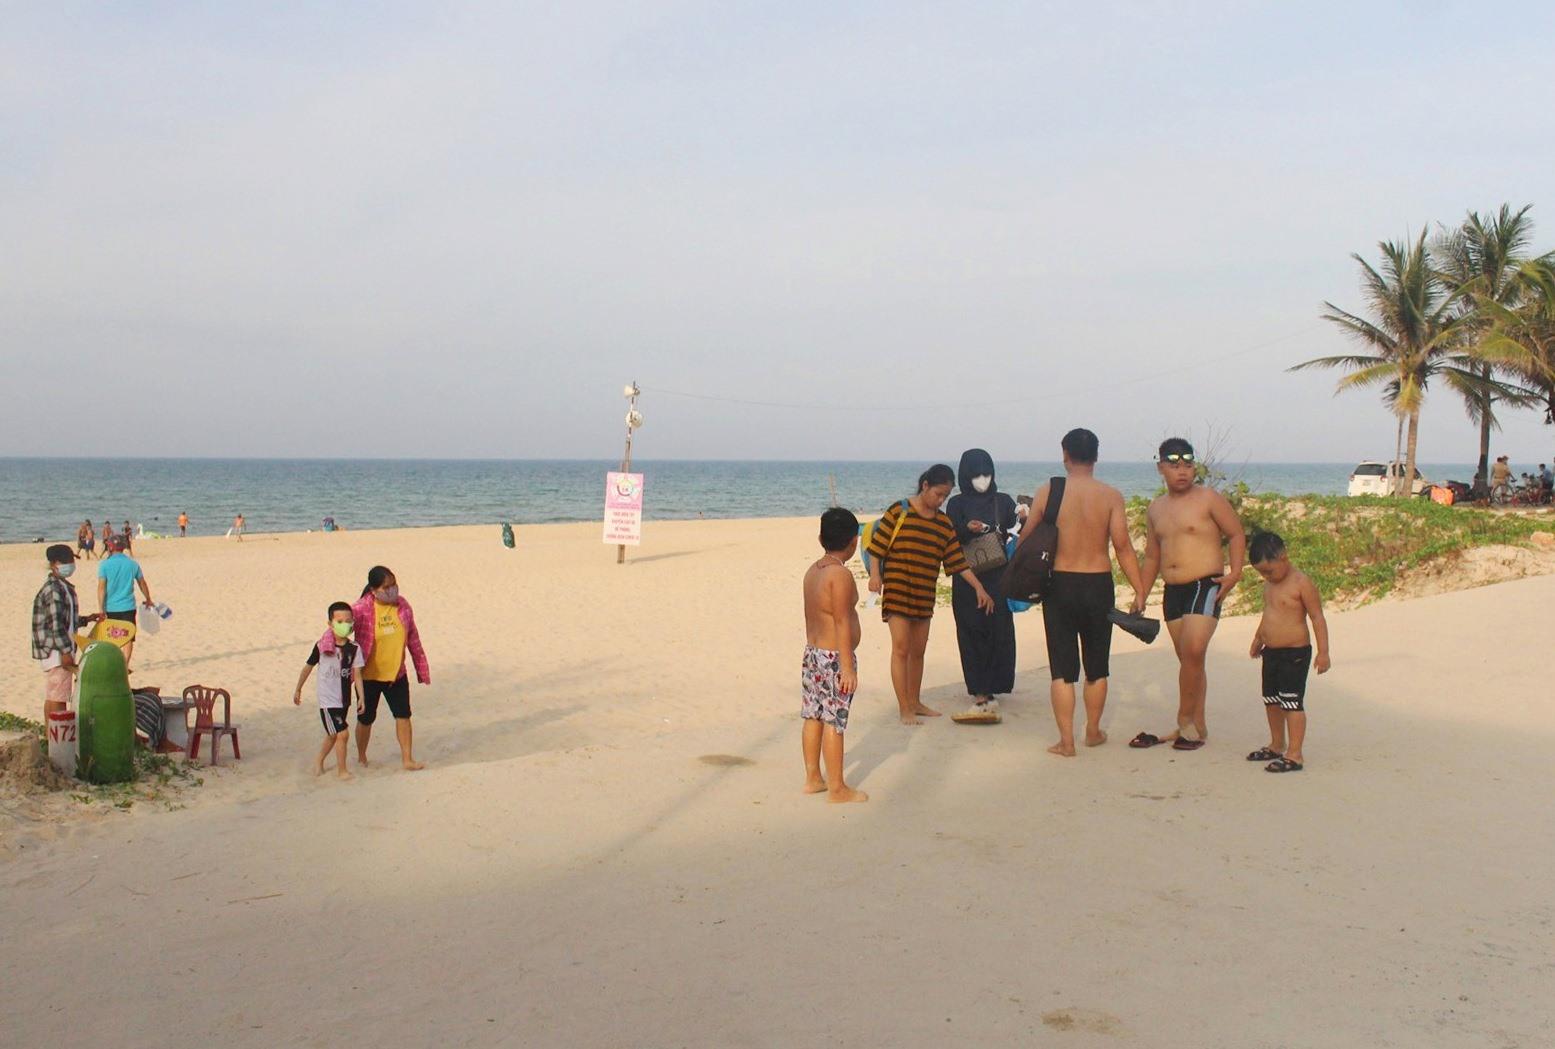 Yêu cầu quản lý nghiêm ngặt tại các bãi biển công cộng để phòng chống dịch. Ảnh: X.H